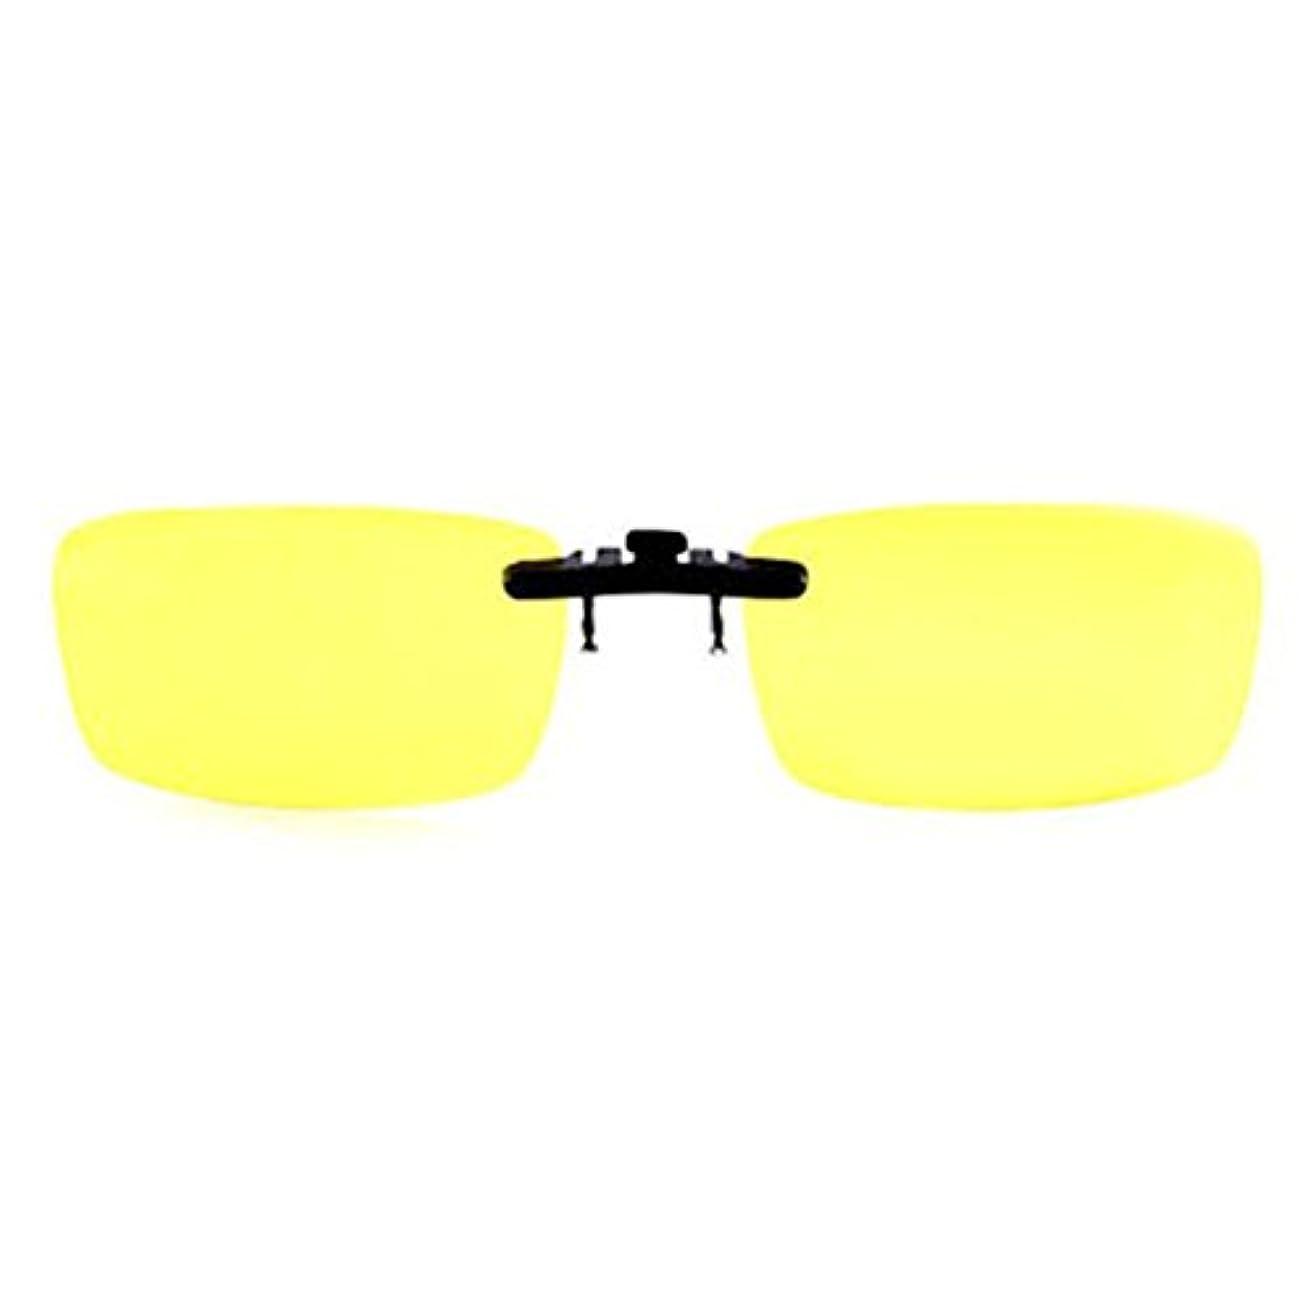 愛撫落ち着いて見出しSeliyi ユニセックス クリアな黄色のプラスチック製偏光レンズ ソーラーガラス サングラス